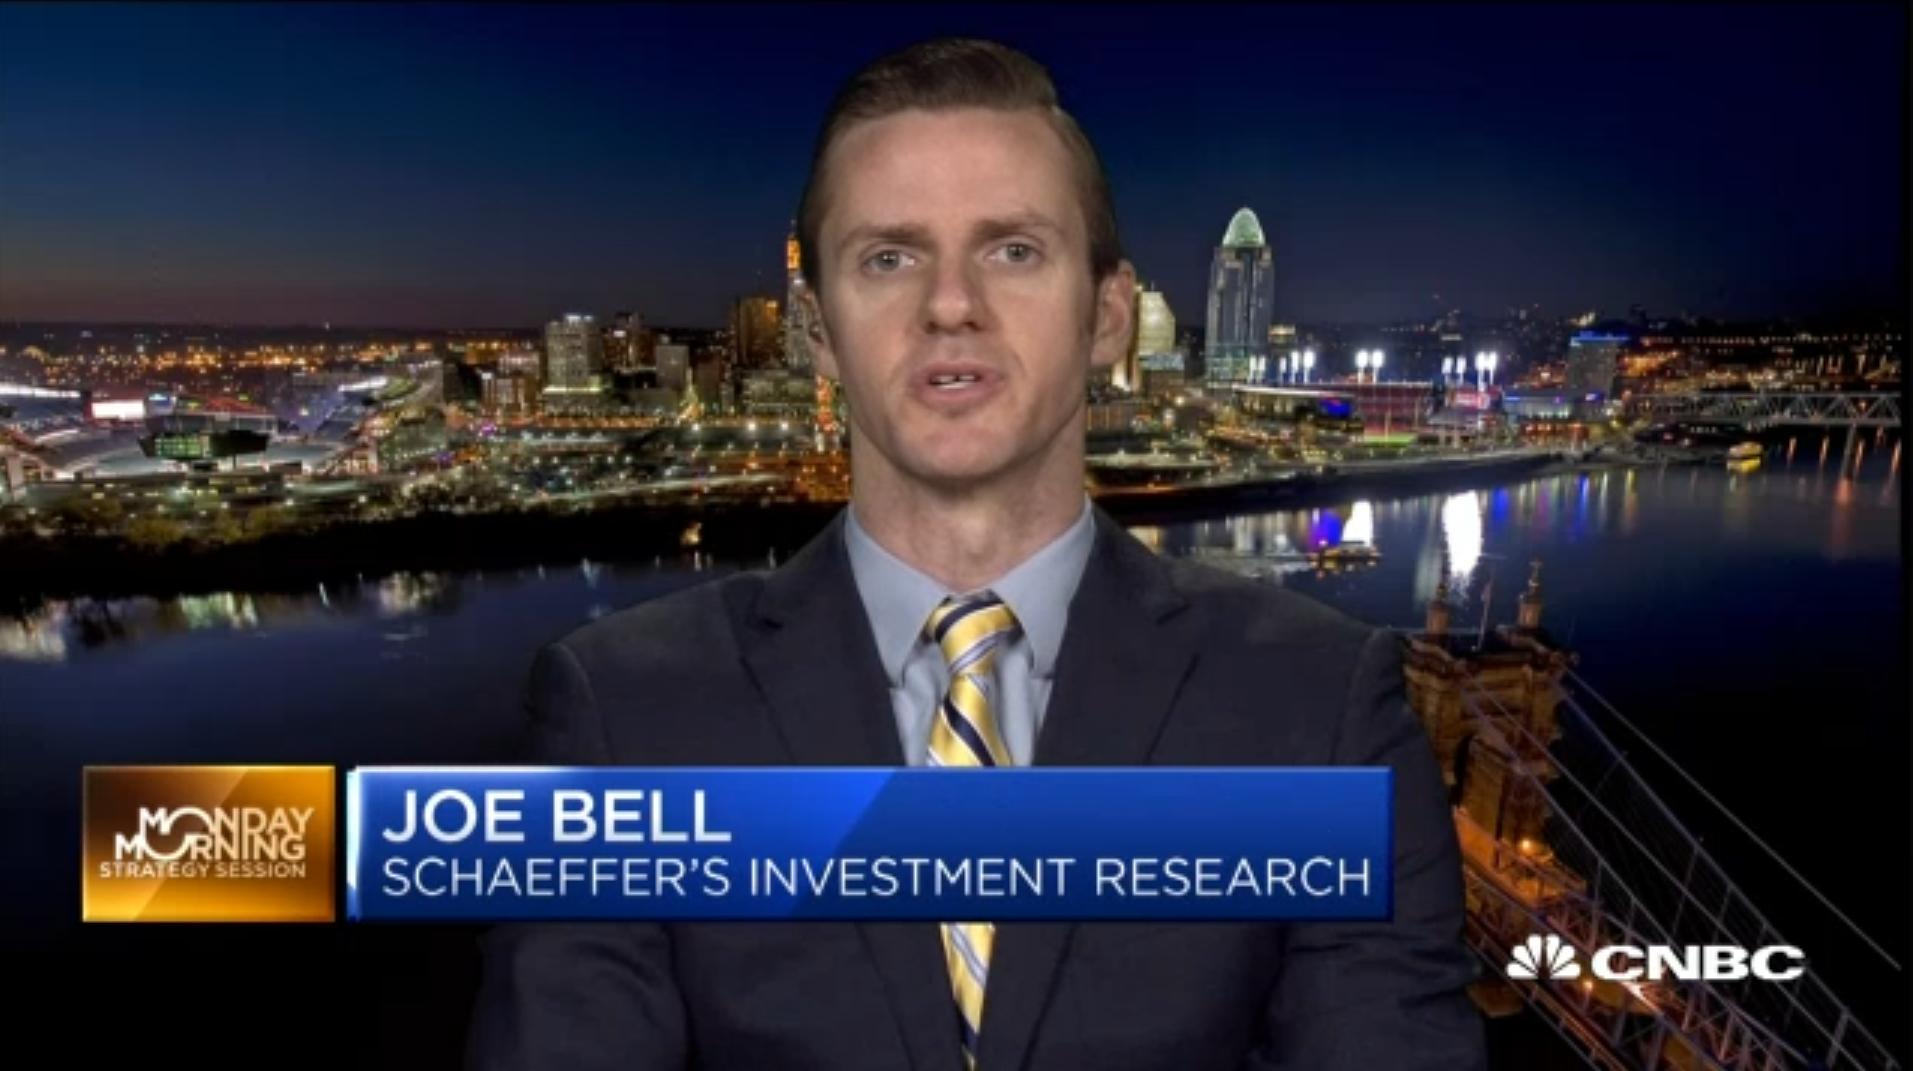 Joe Bell, Analyst at Schaeffer